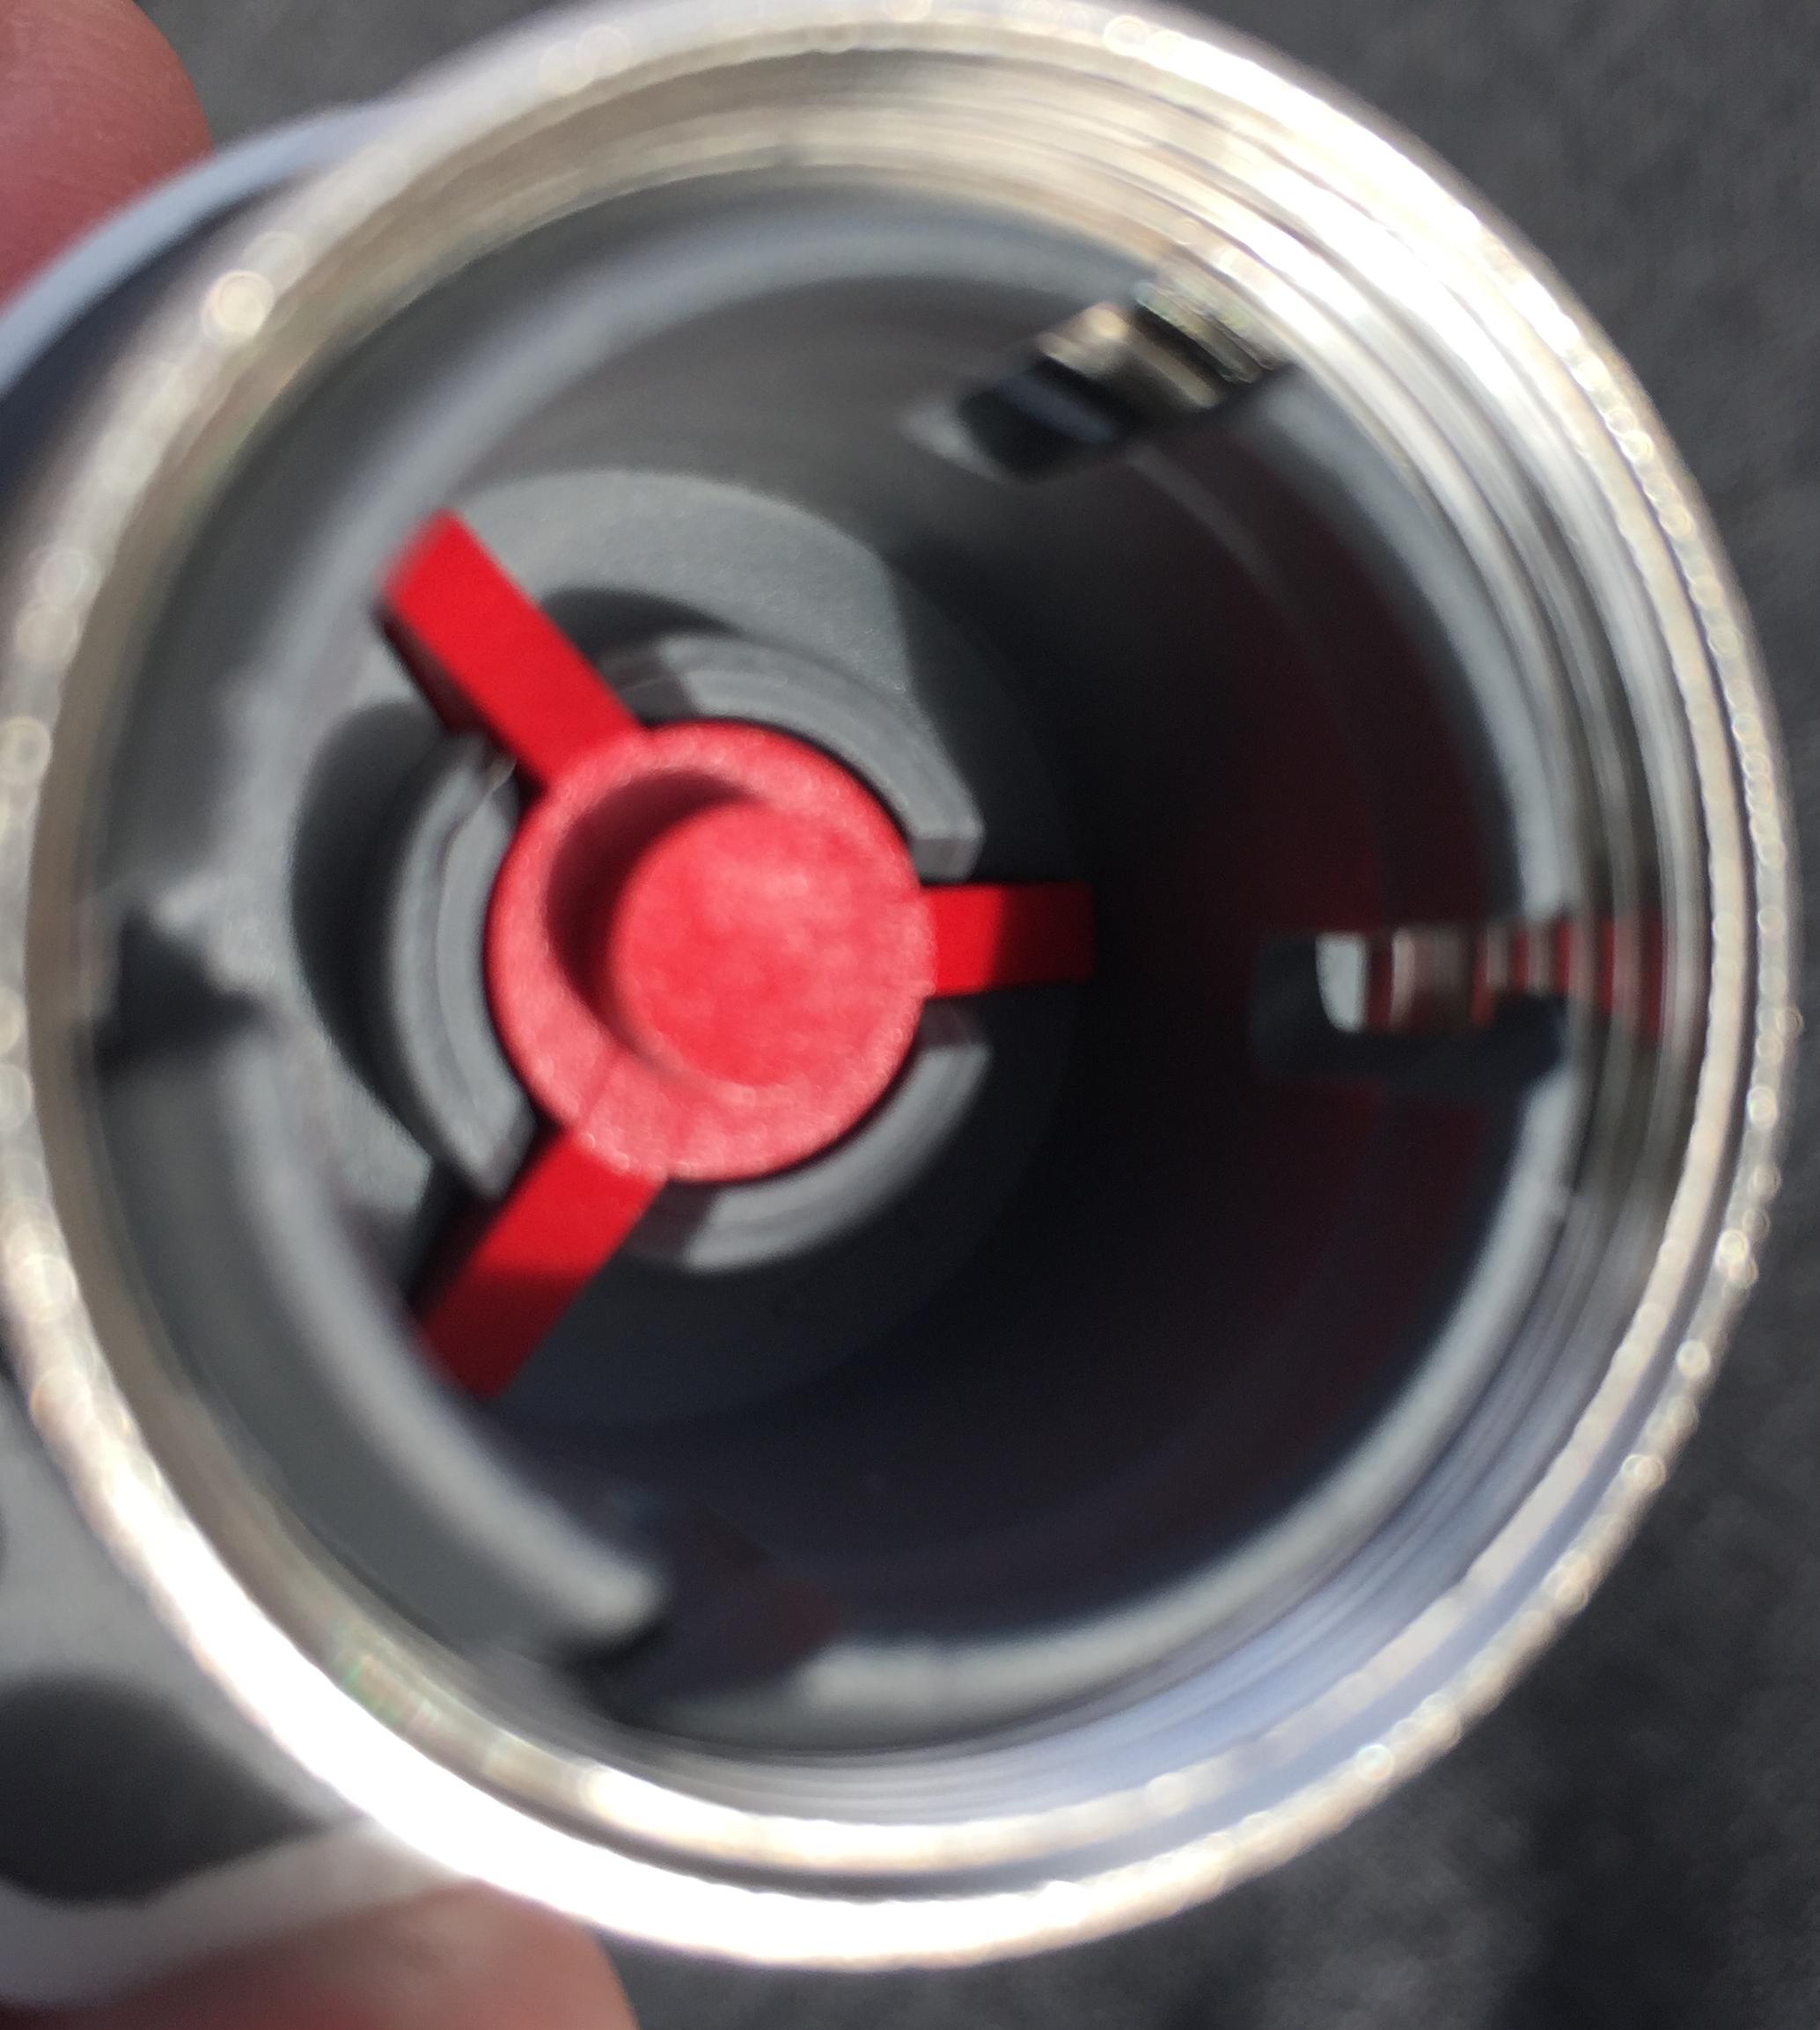 Quand fermé, le téton rouge de l'actuateur ou micro-moteur dépasse et son support affleure le guide gris